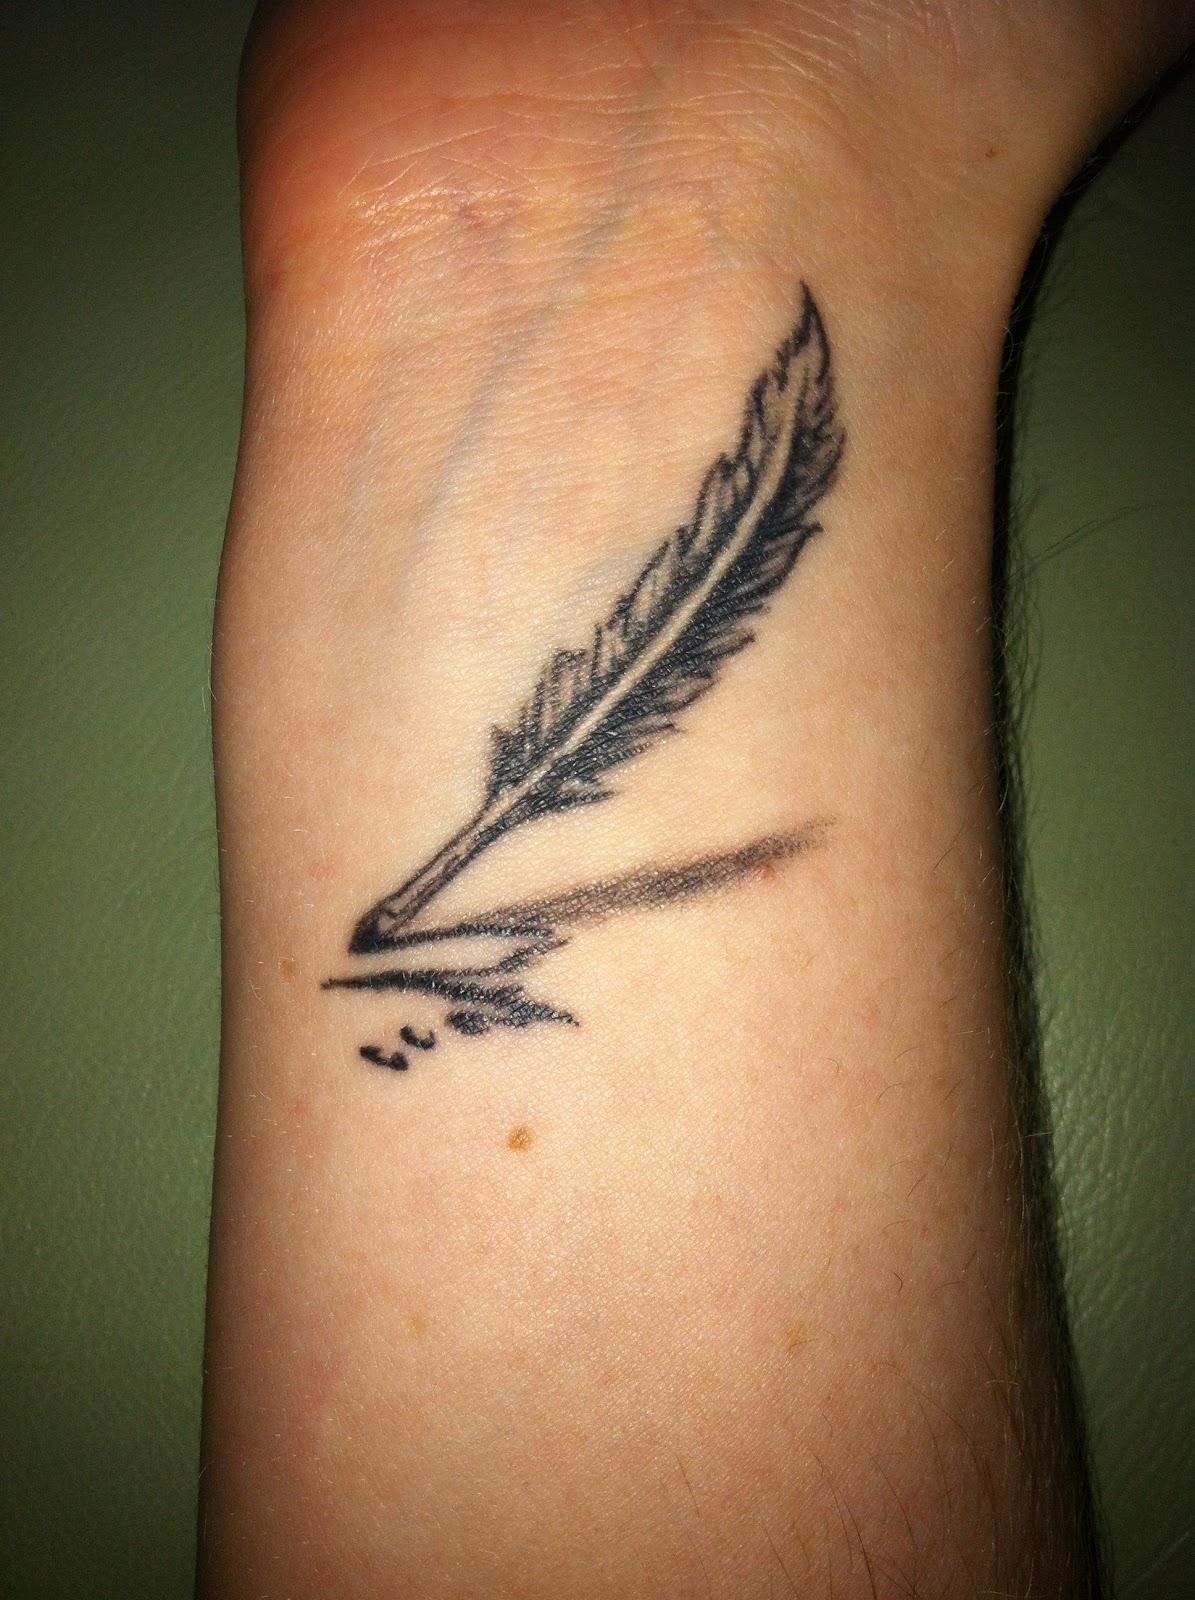 Simple feather pen arm tattoo - | TattooMagz › Tattoo ...